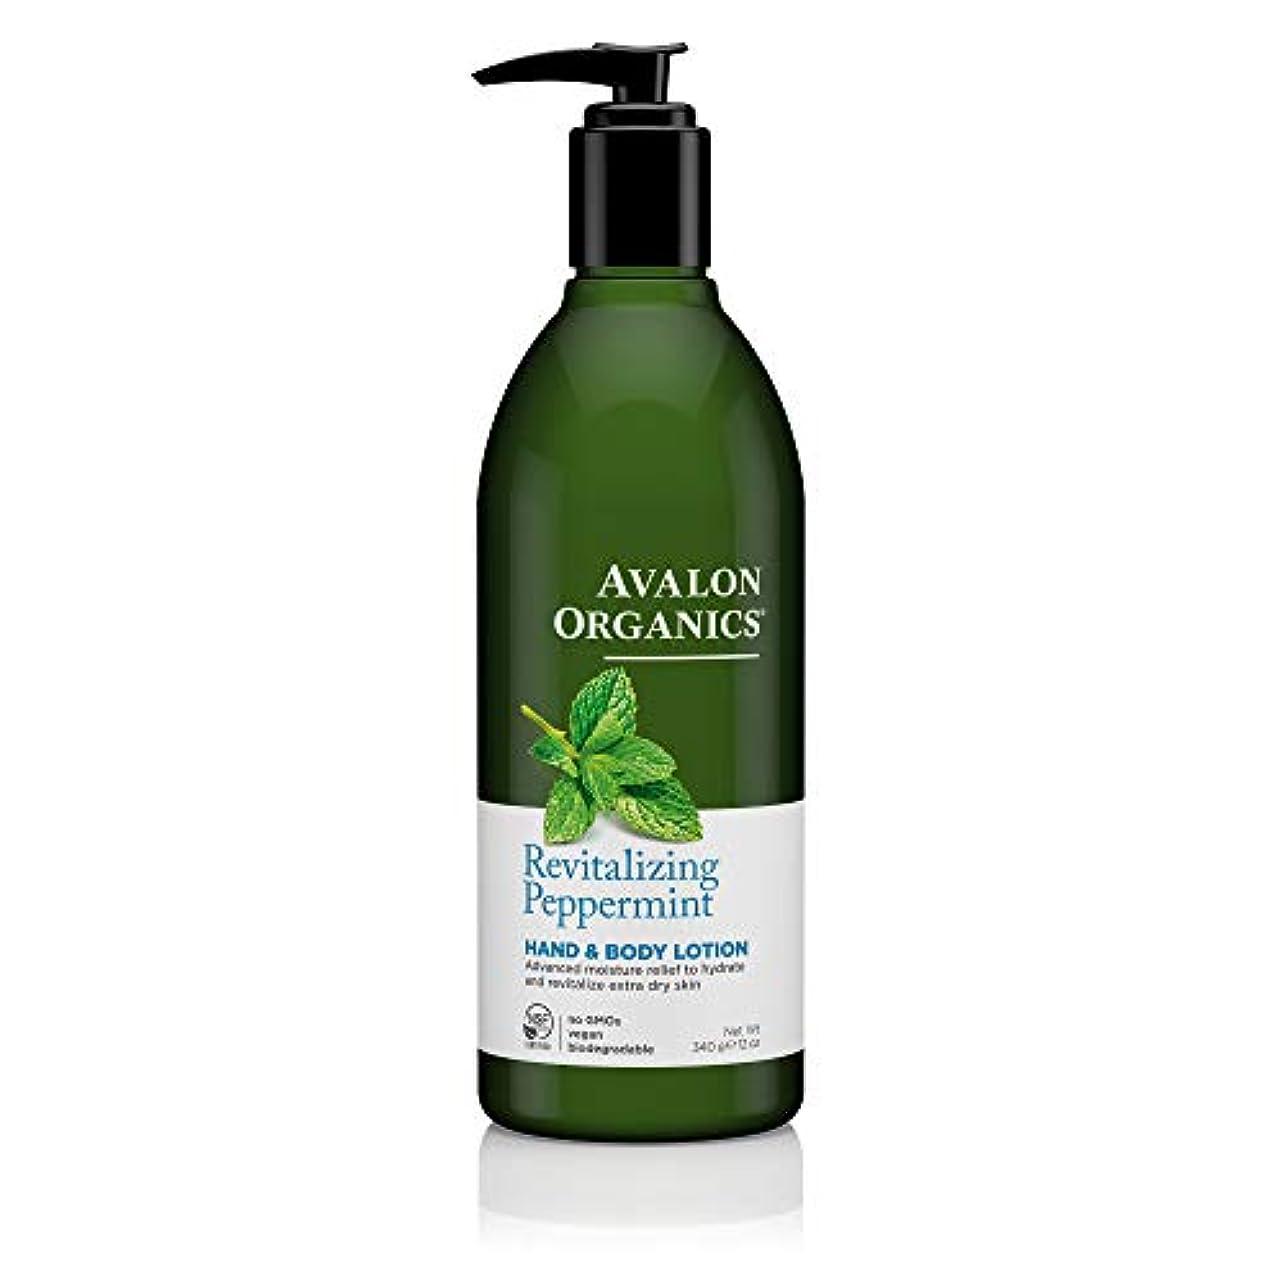 釈義タックル原理Avalon Organics Peppermint Hand And Body Lotion, 12-Ounce Bottle (Pack of 2) by Avalon [並行輸入品]